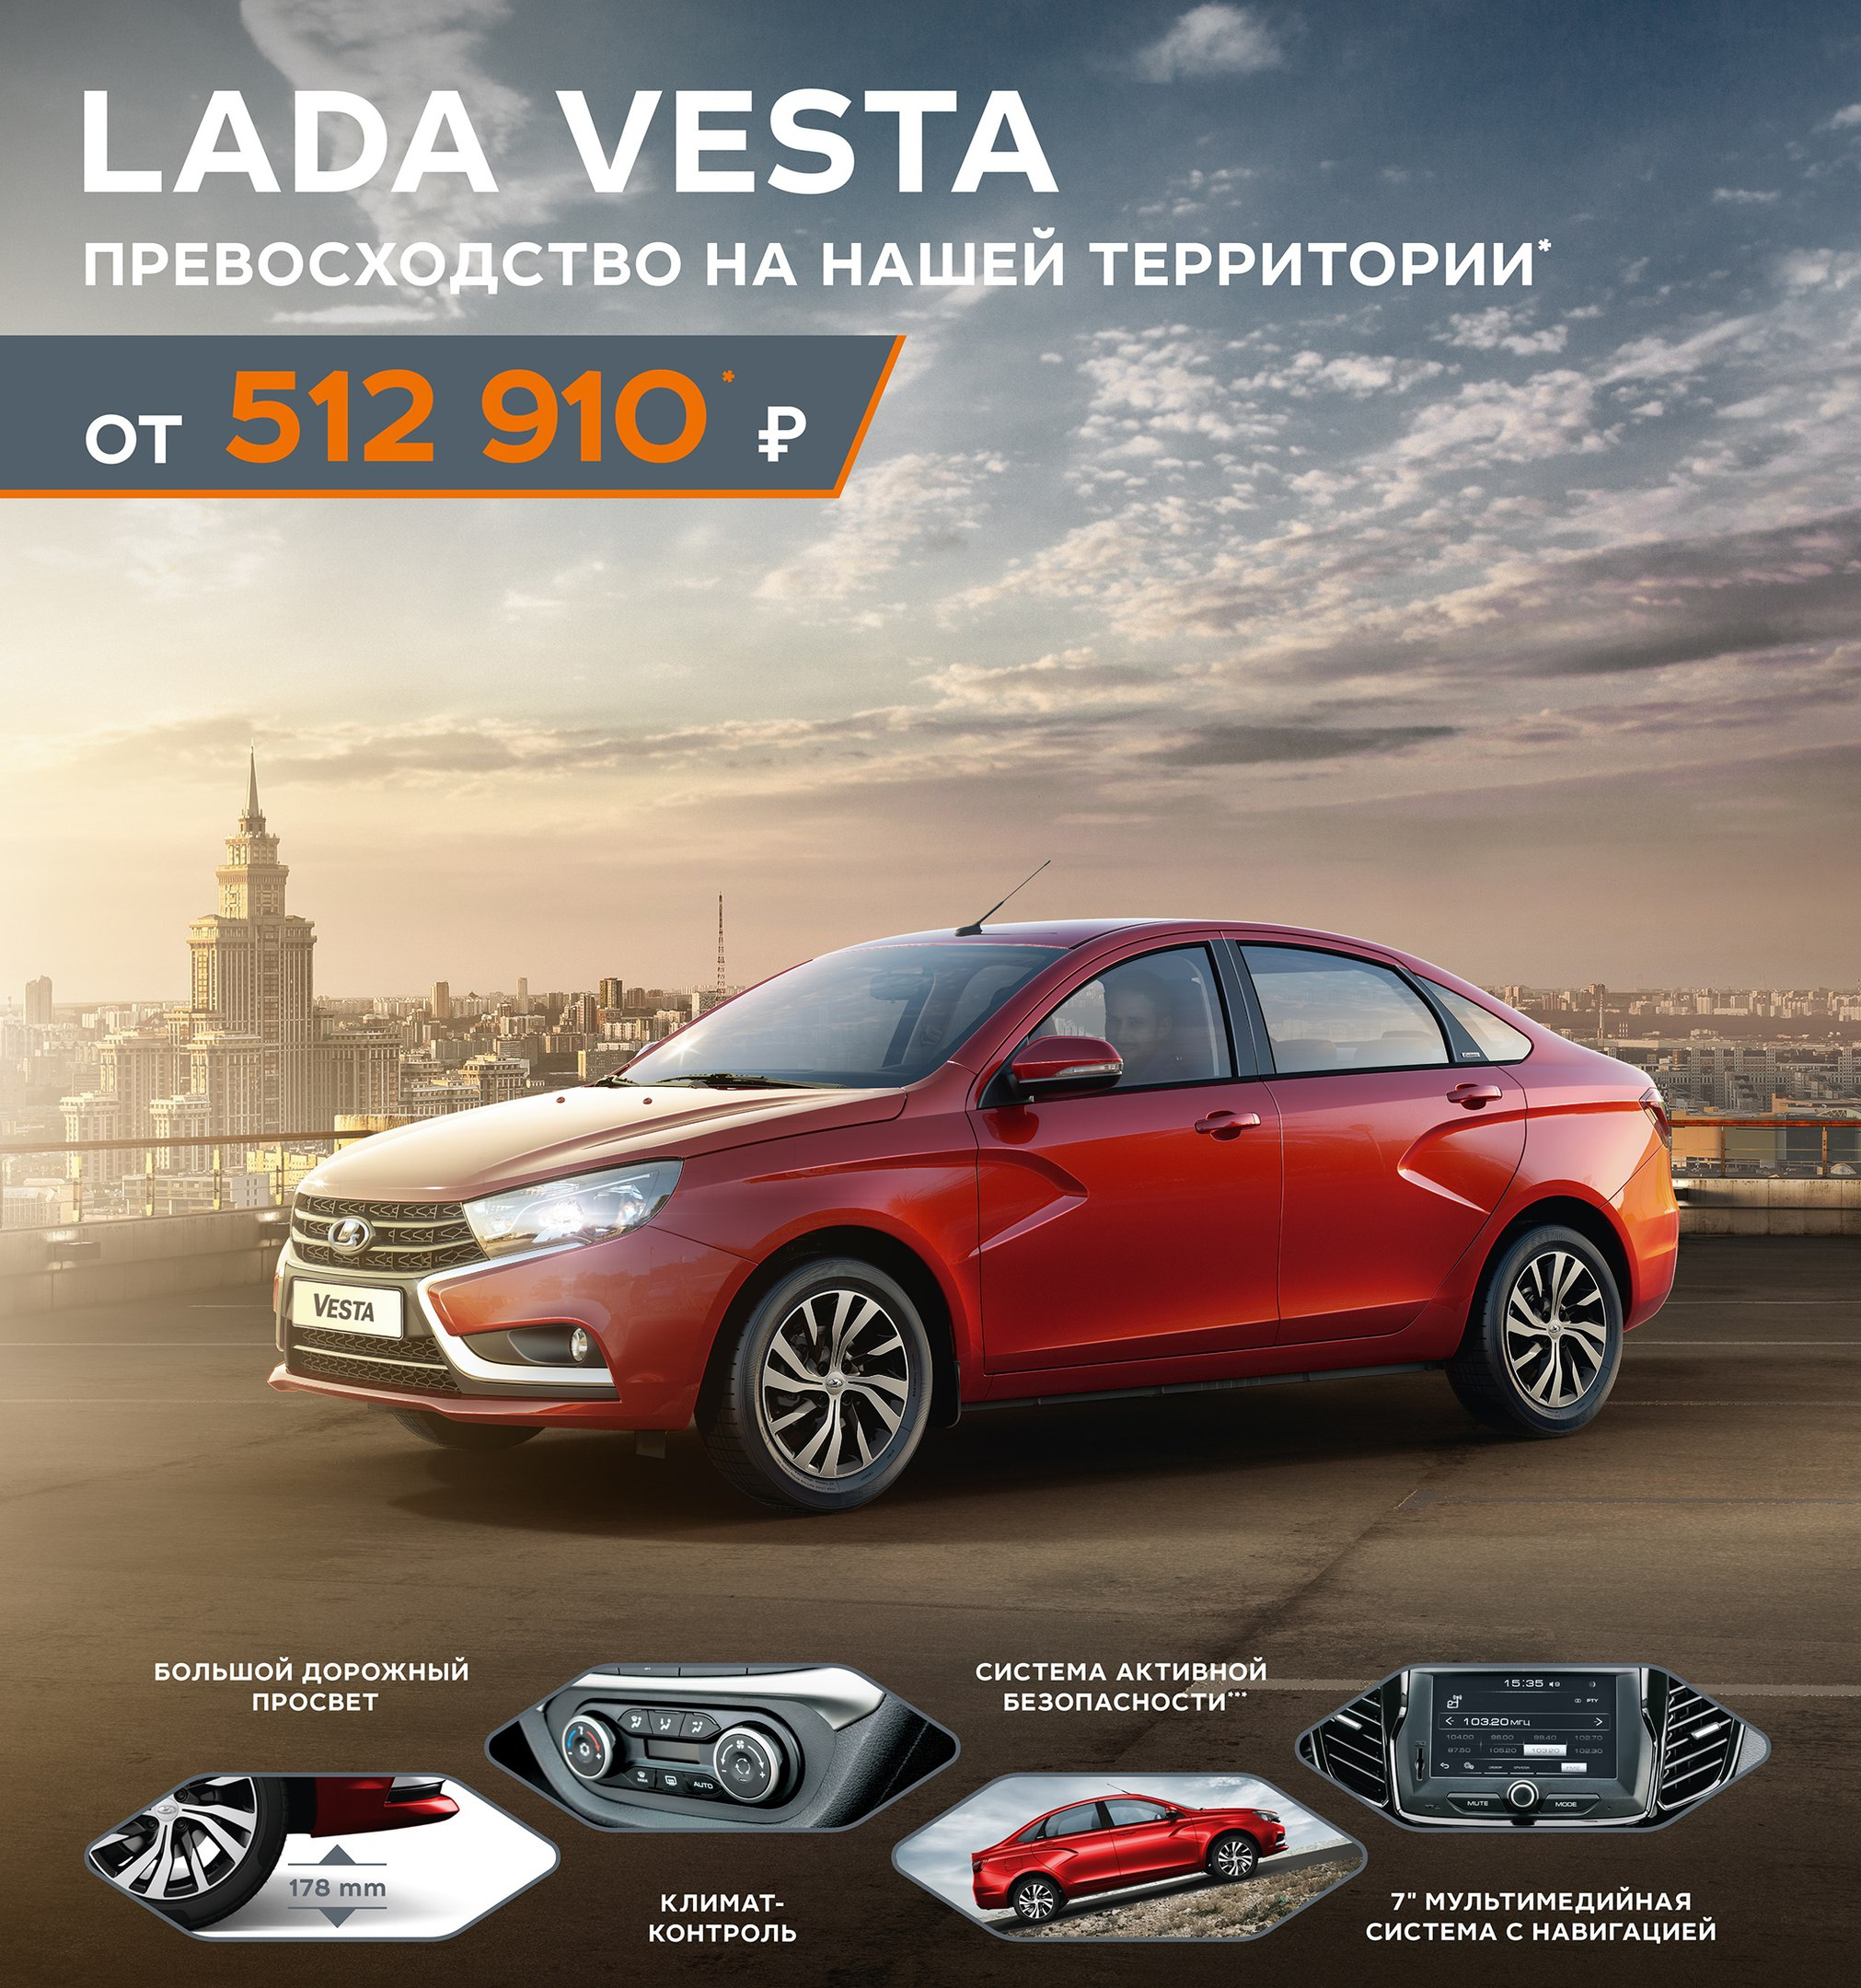 СПЕЦПРЕДЛОЖЕНИЕ в МАРТЕ! LADA Vesta от 512 910 рублей!